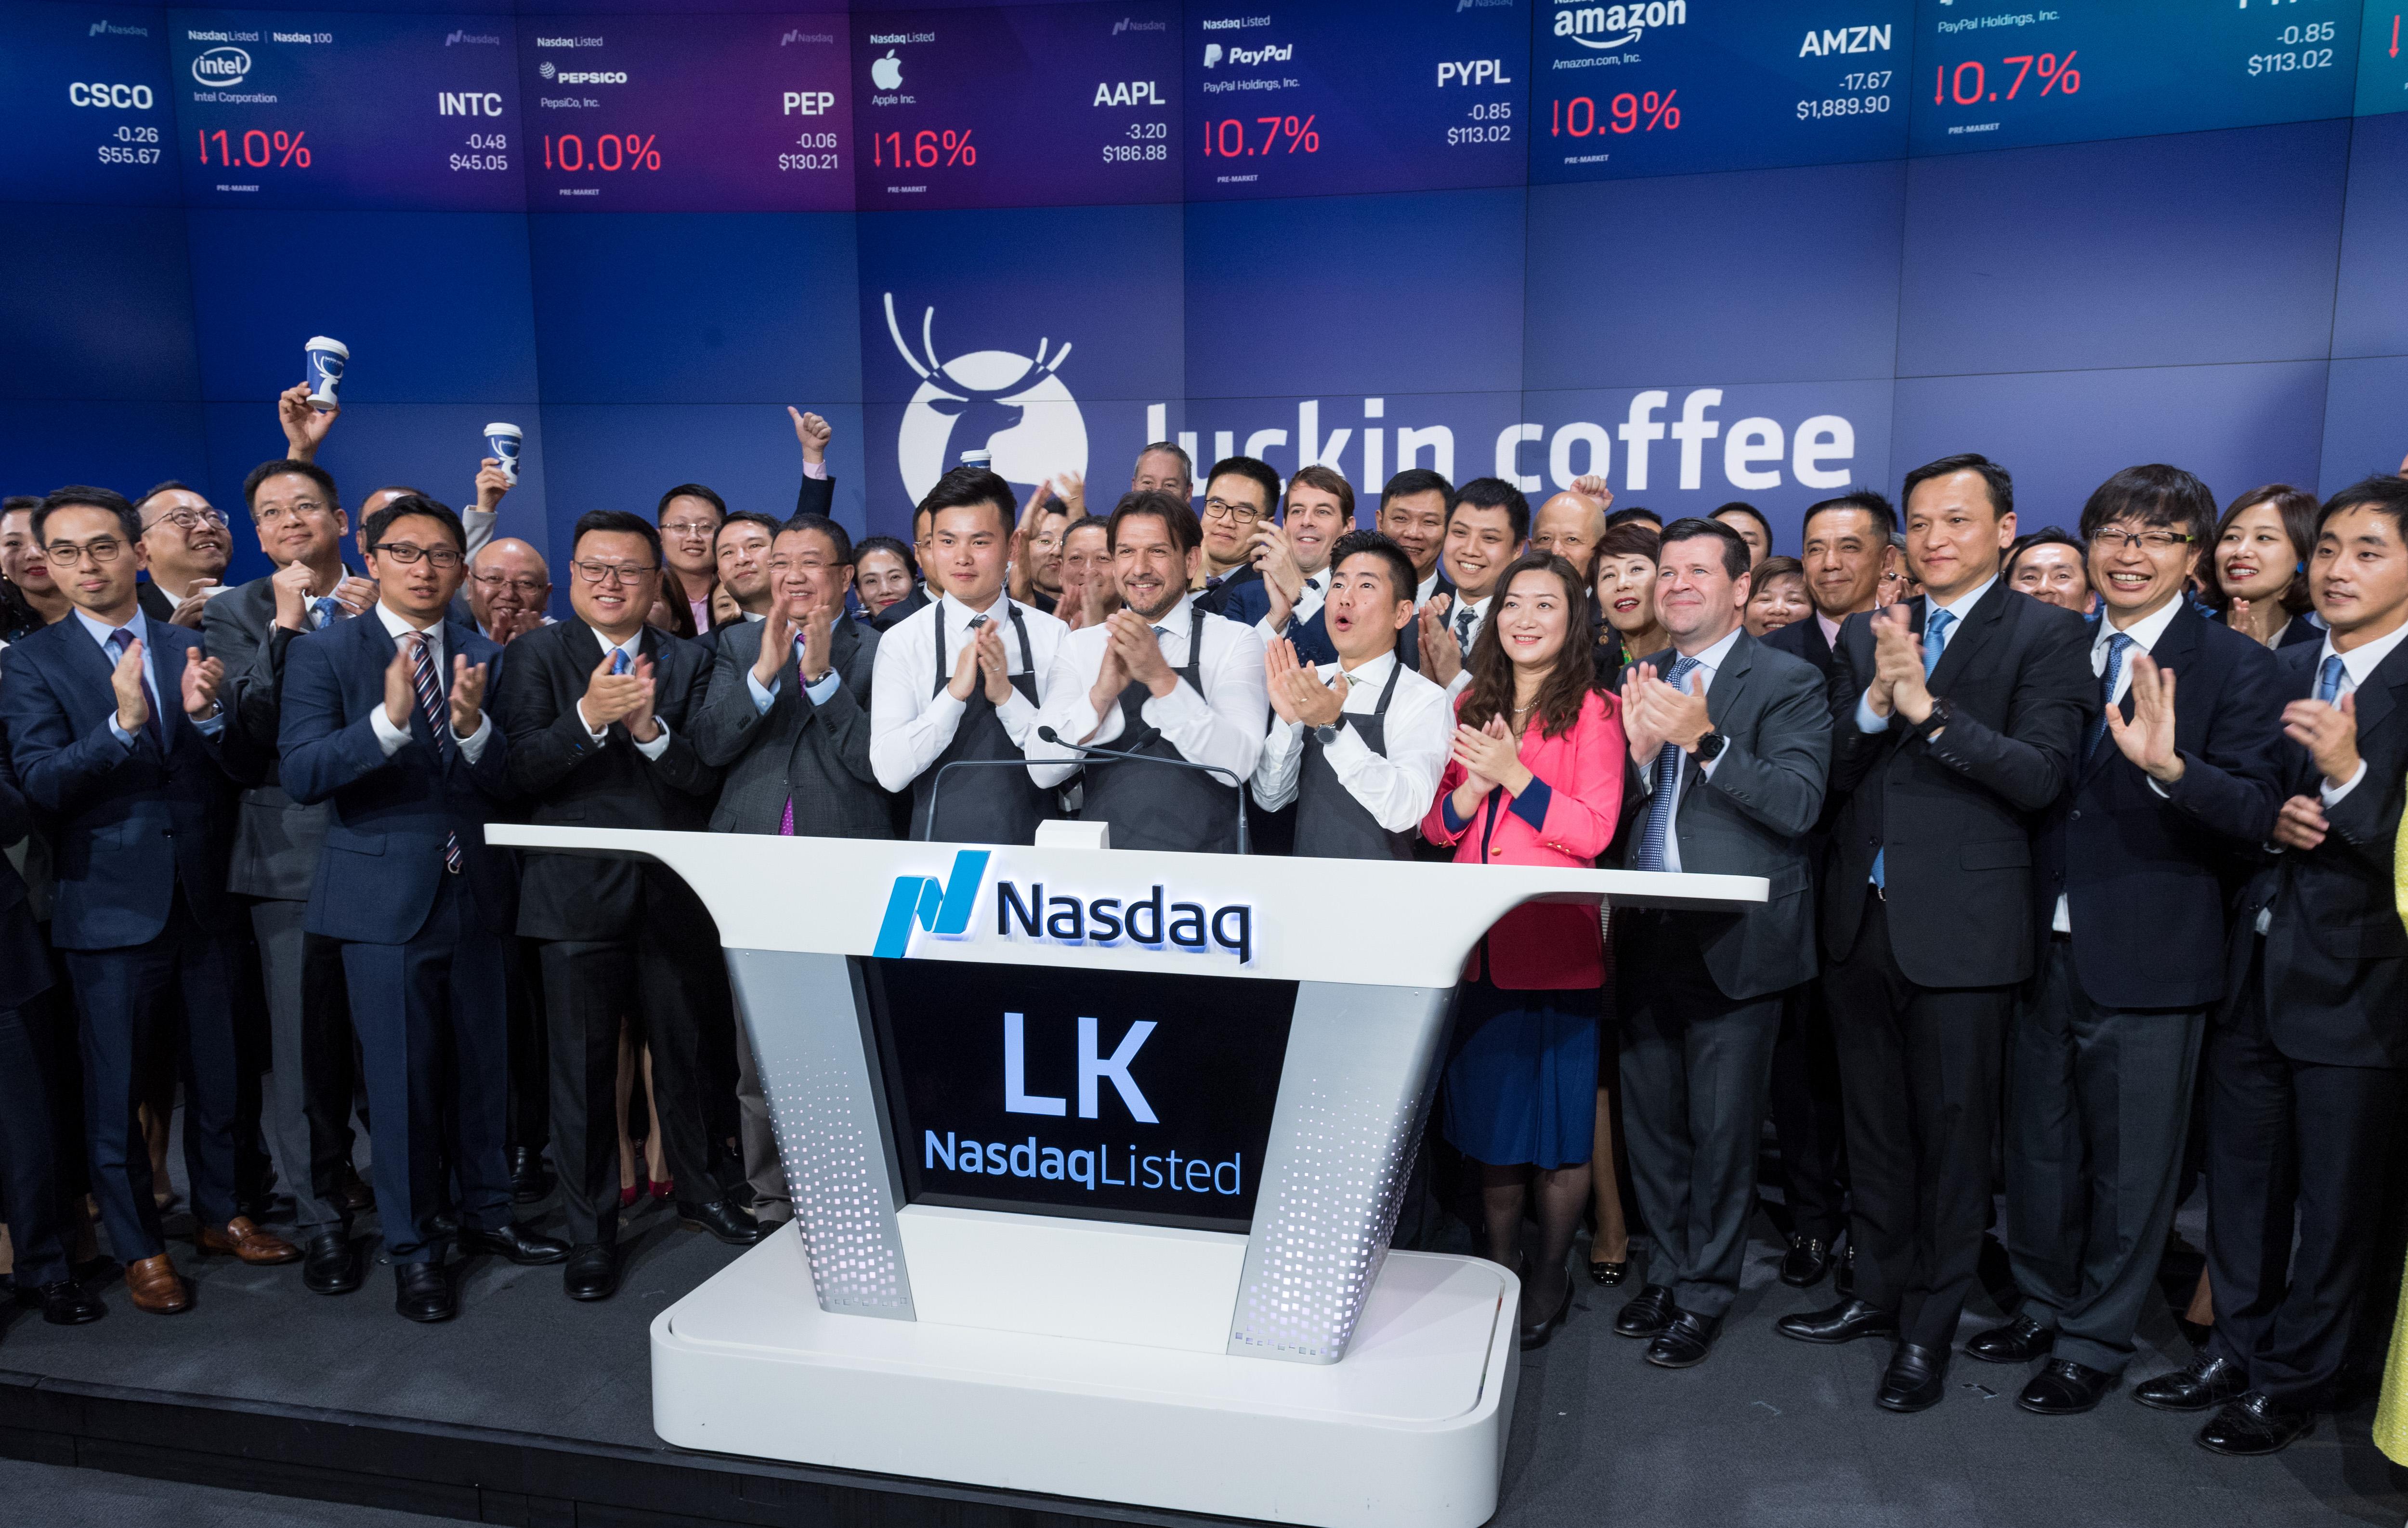 瑞幸咖啡纳斯达克IPO 募资6.95亿美元